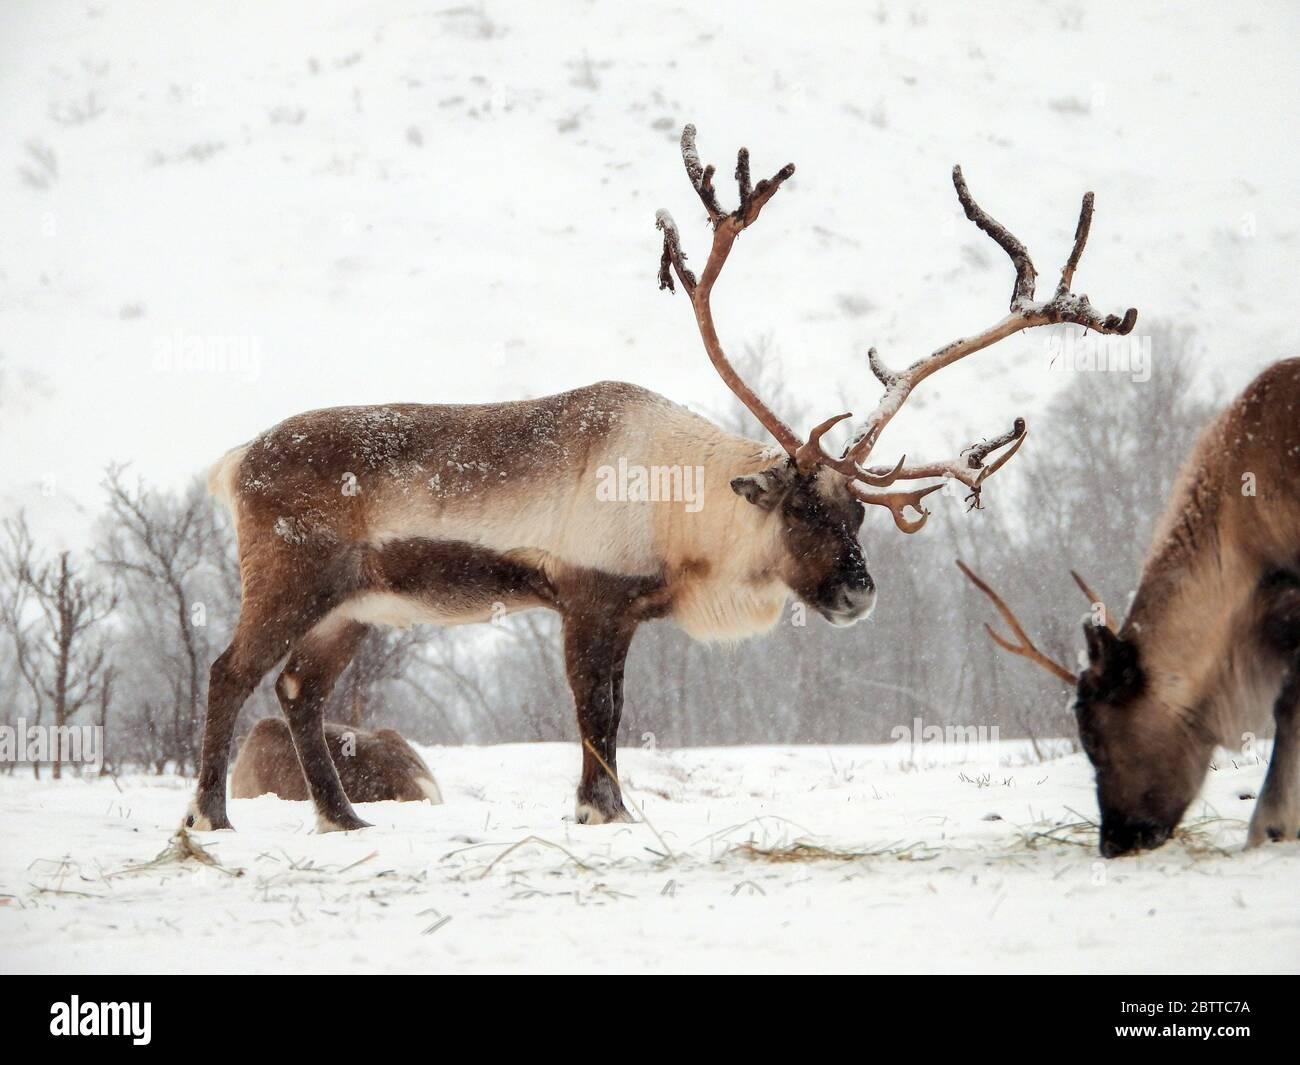 Das Ren oder rentier (Rangifer tarandus) ist eine Säugetierart aus der Familie der Hirsche (Cervidae). Foto Stock